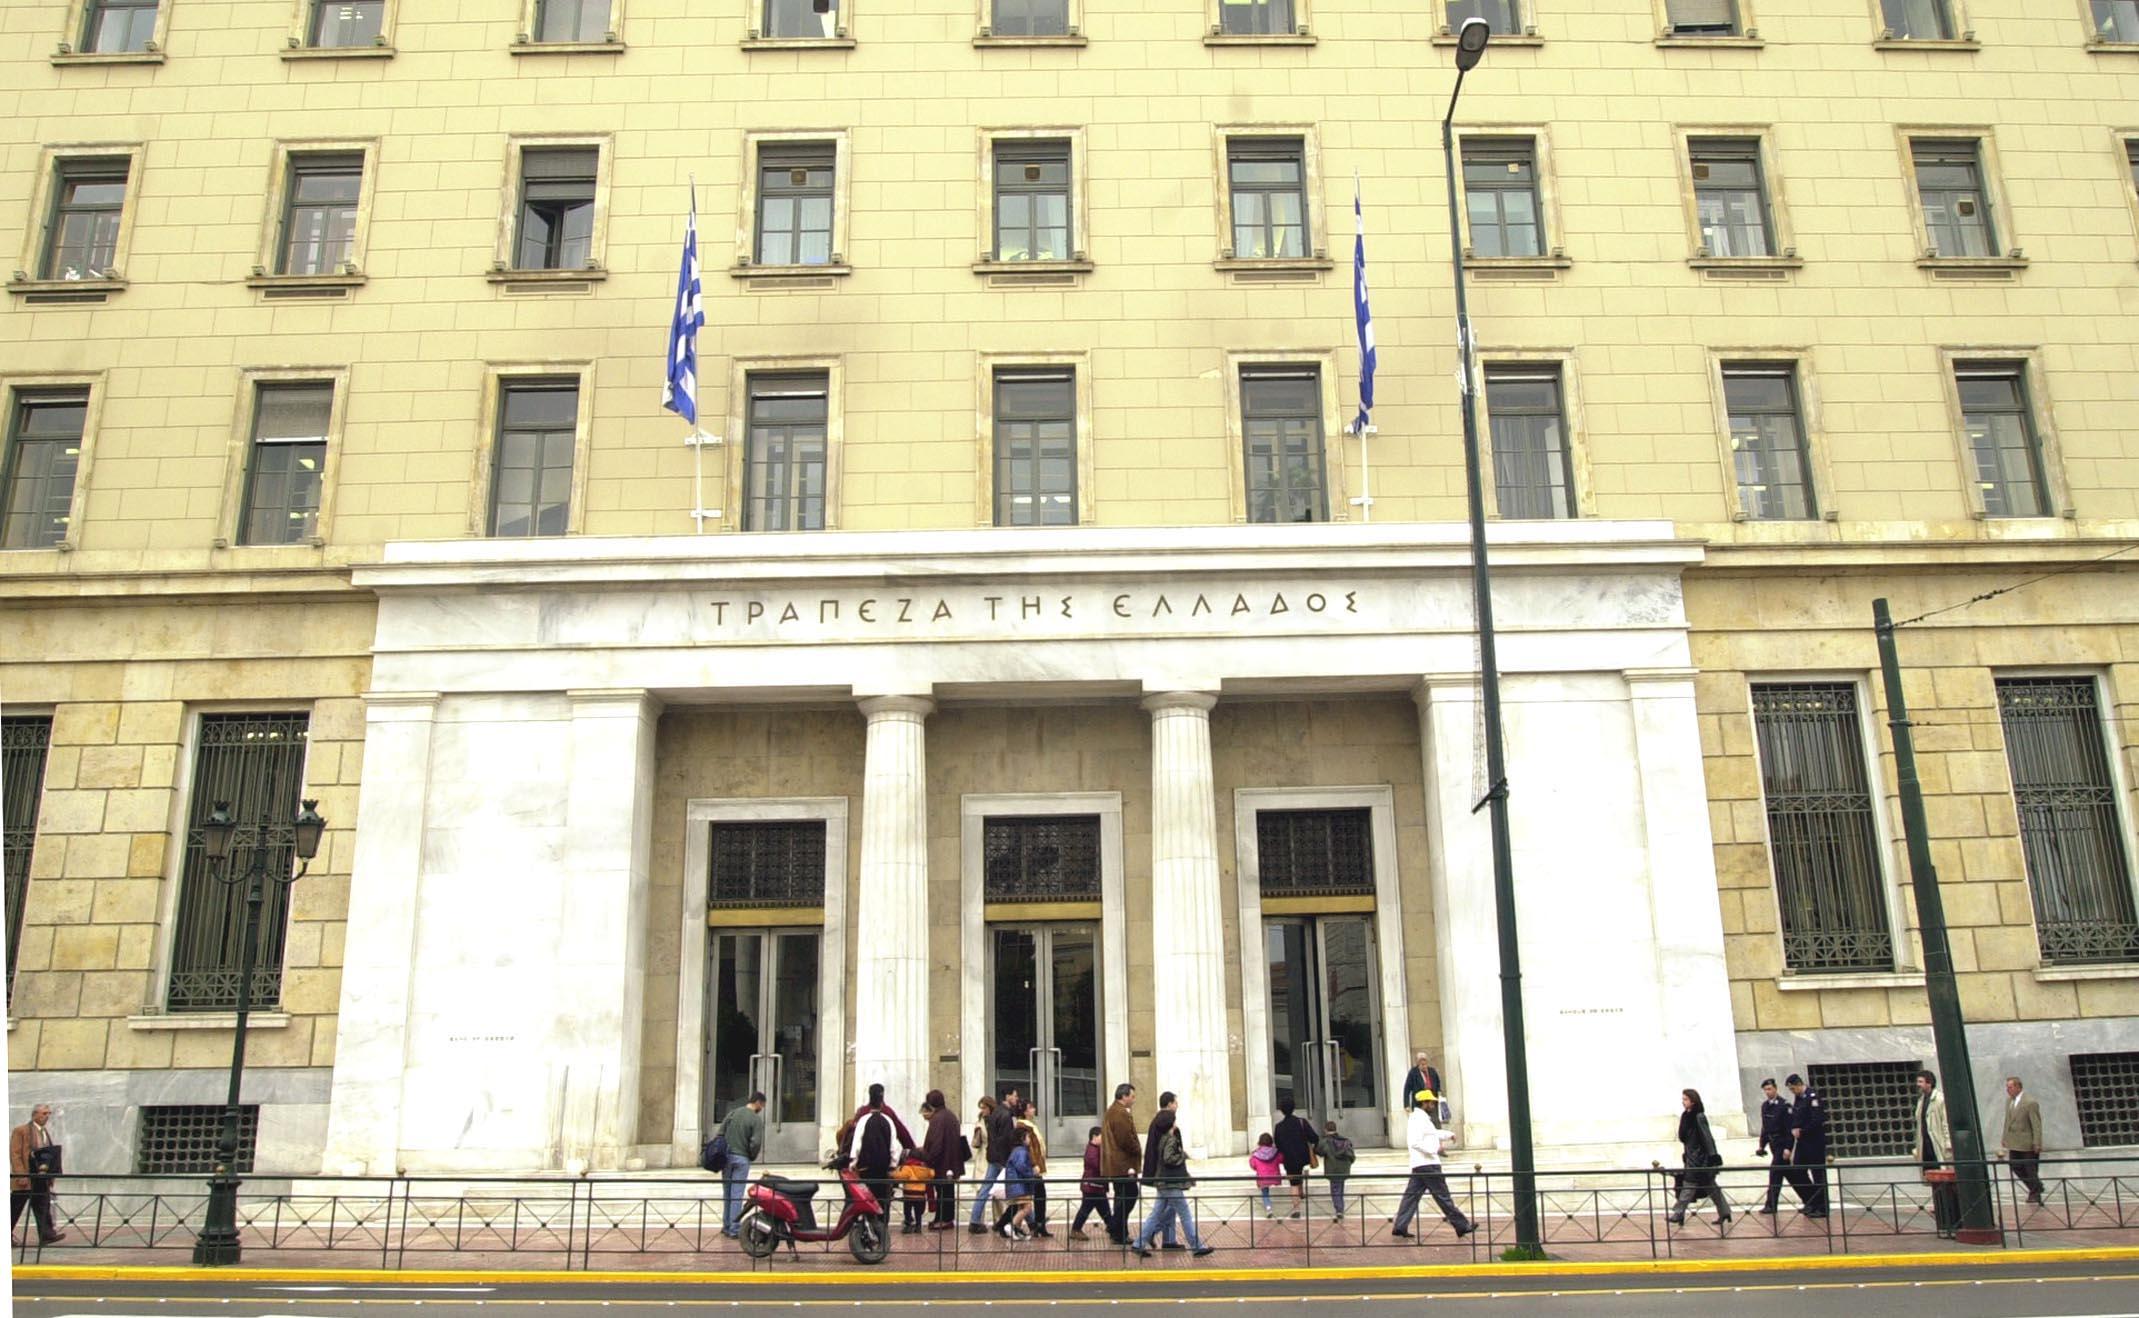 Prihod od turizma u martu u Grčkoj pao za 71%